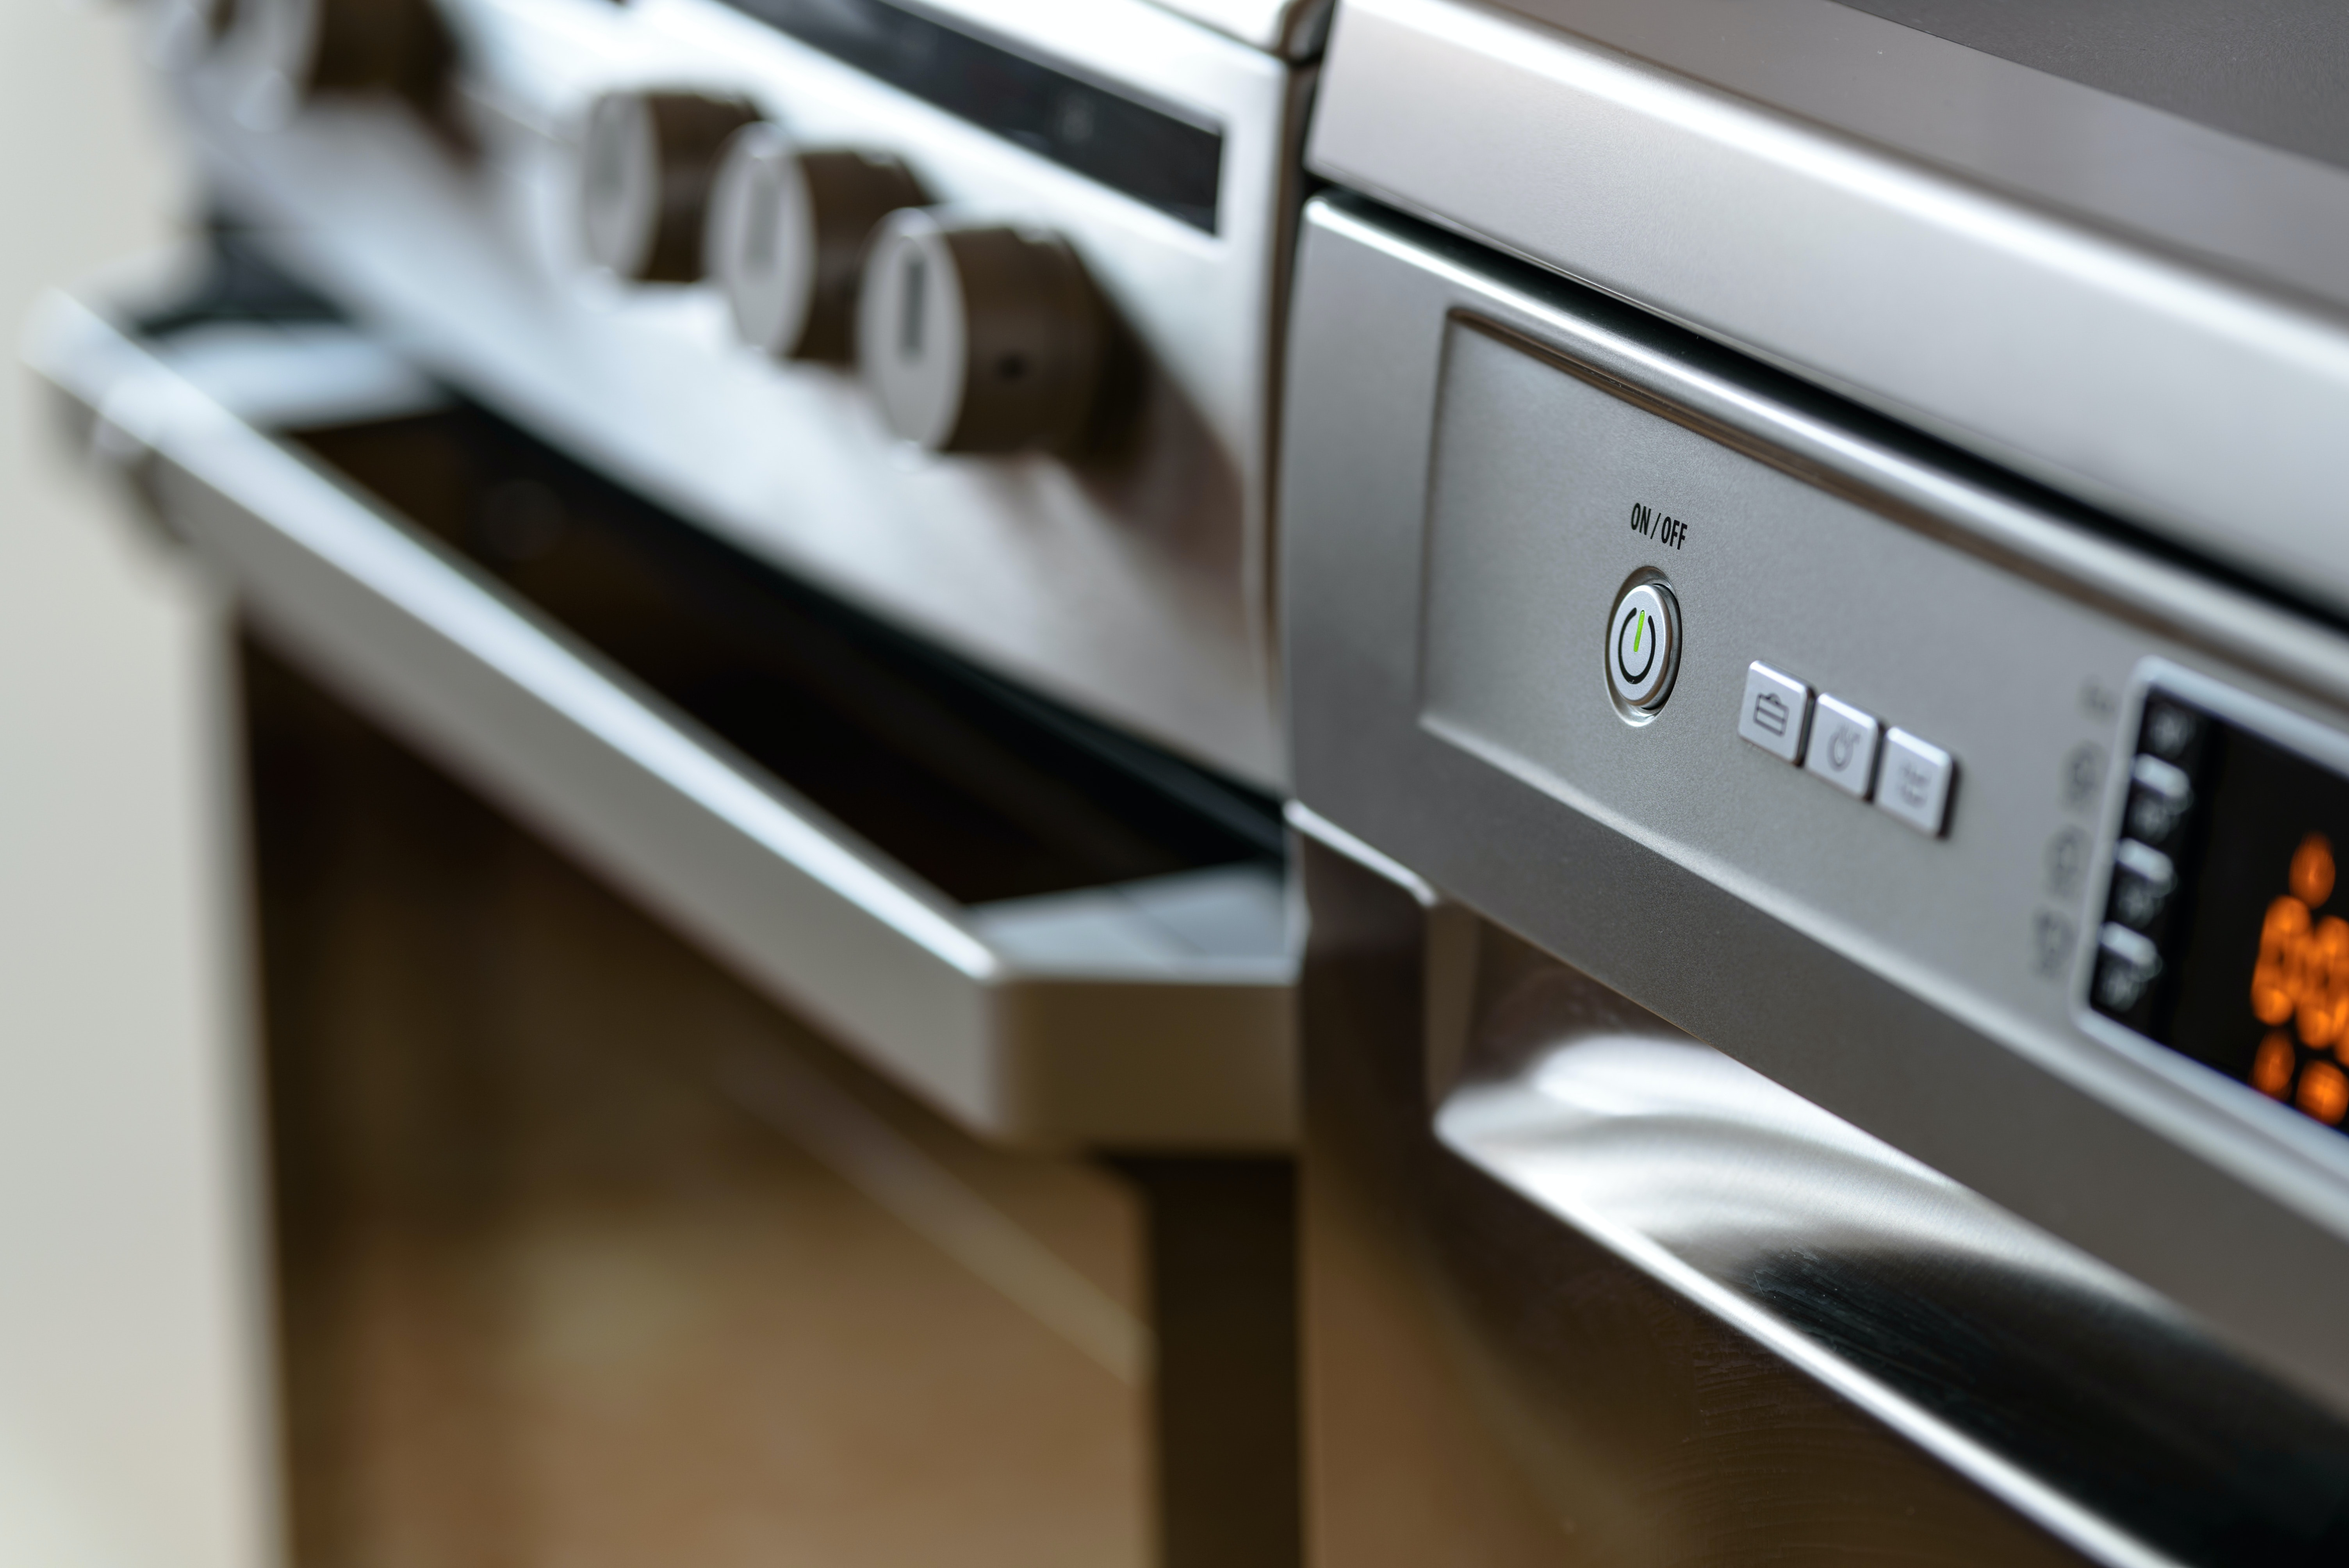 limpieza de hornos de alta calidad Senegar